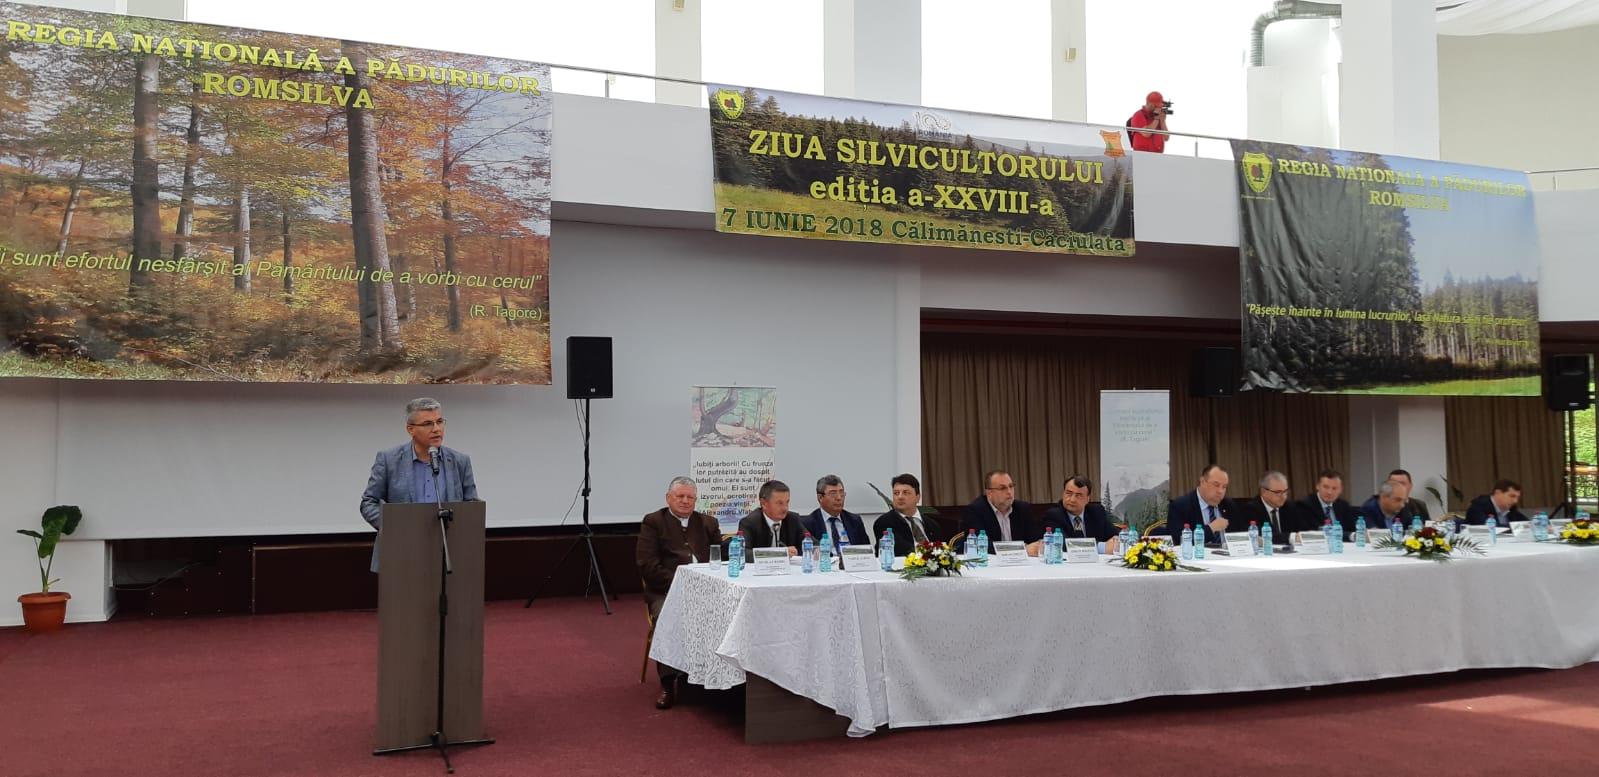 """Ministrul Ioan Deneş, la Călimănești, de Ziua Silvicultorului: """"Mi-aș dori ca și biroul meu să fie adâncul pădurii, să nu mai aud """"trilul"""" telefoanelor, ci cântul păsărilor"""""""